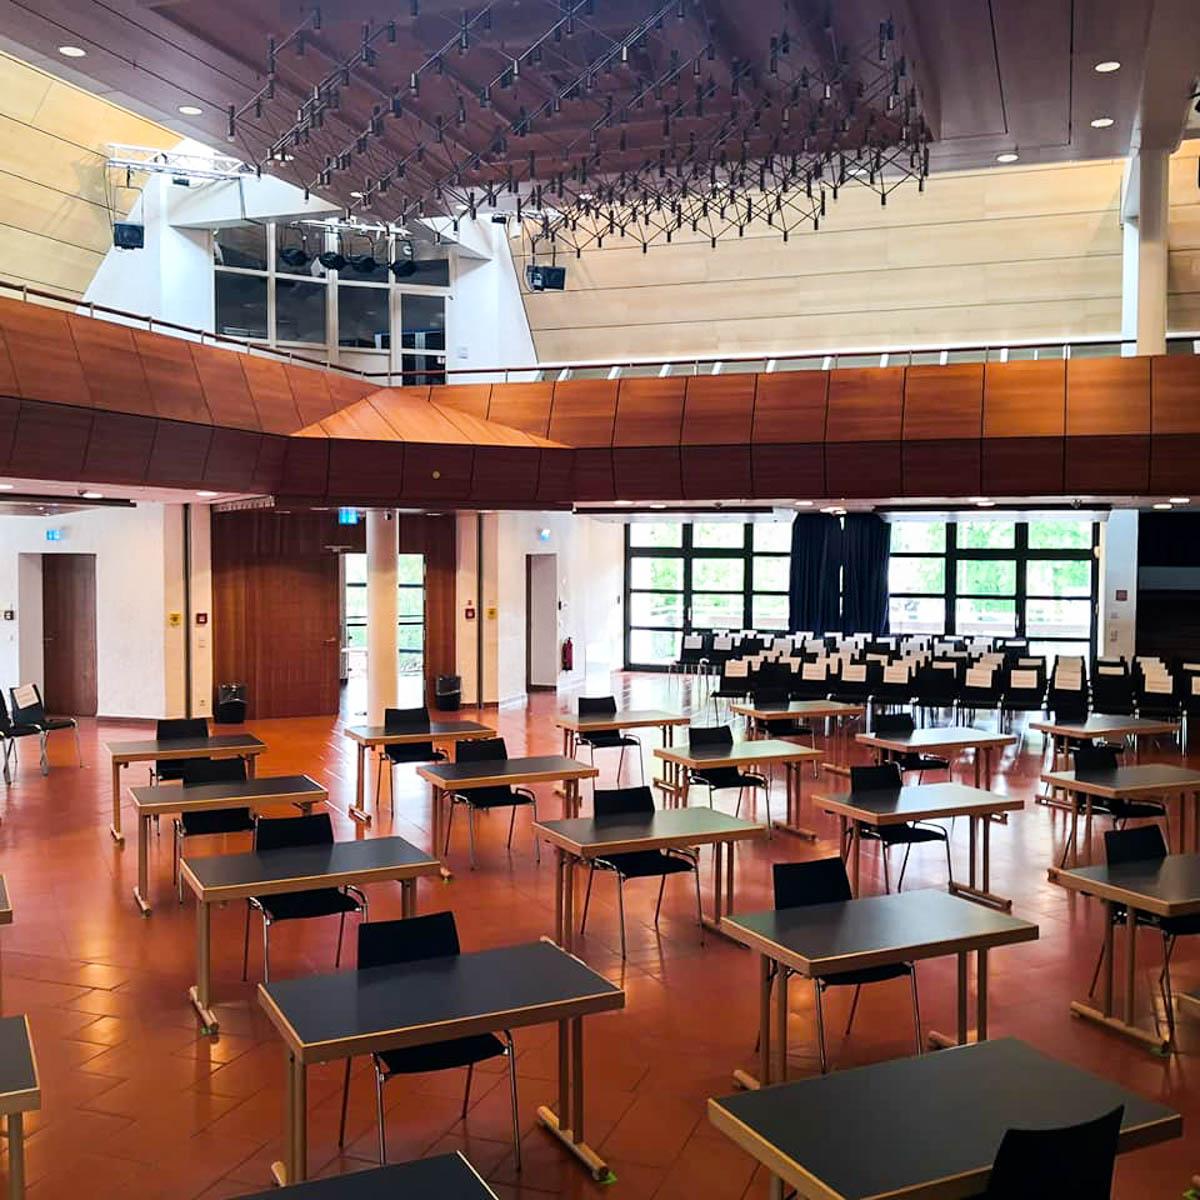 Der Saal in Eching bei München